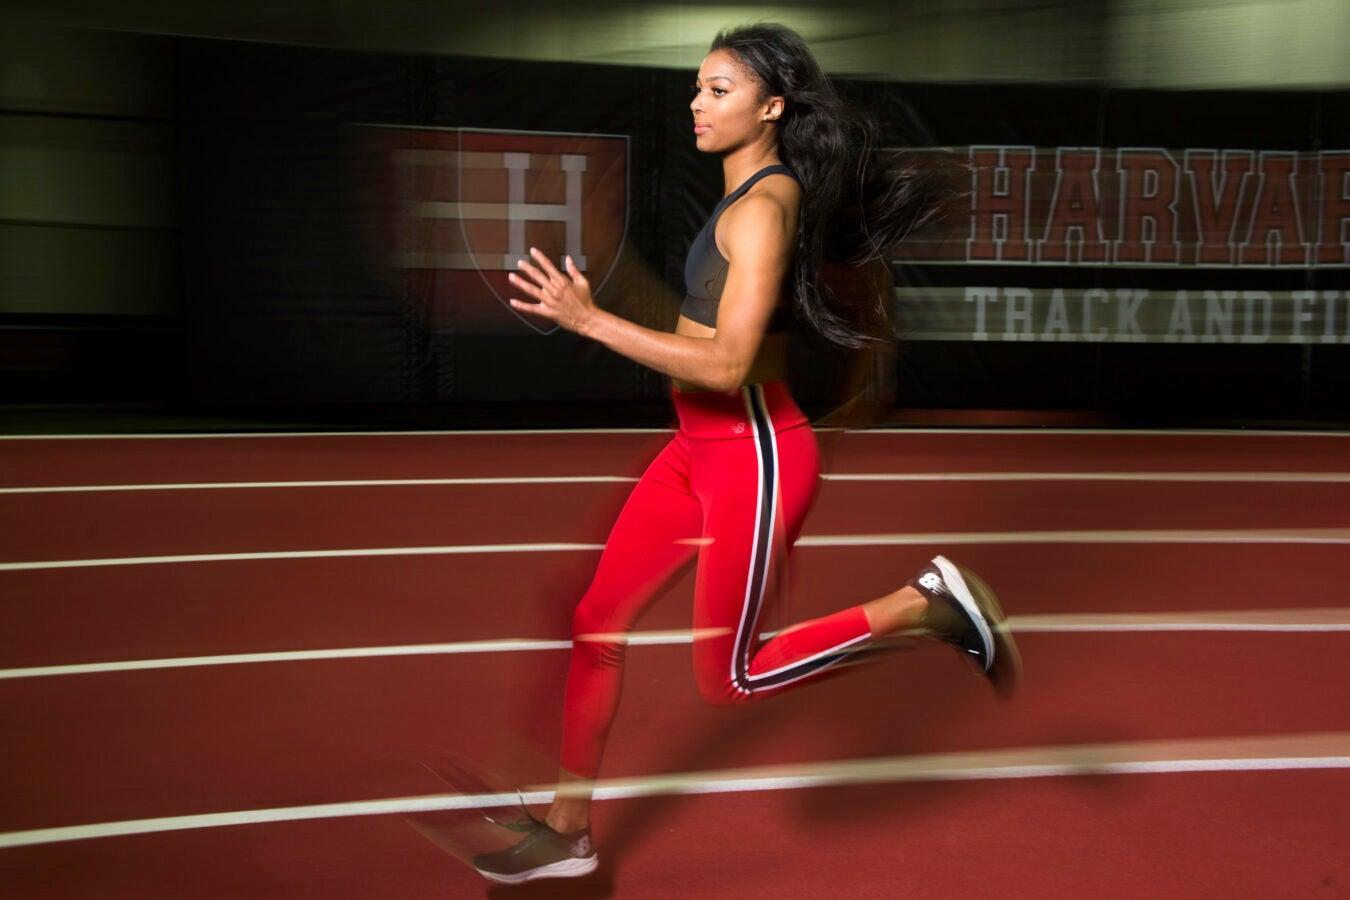 Athlete running.